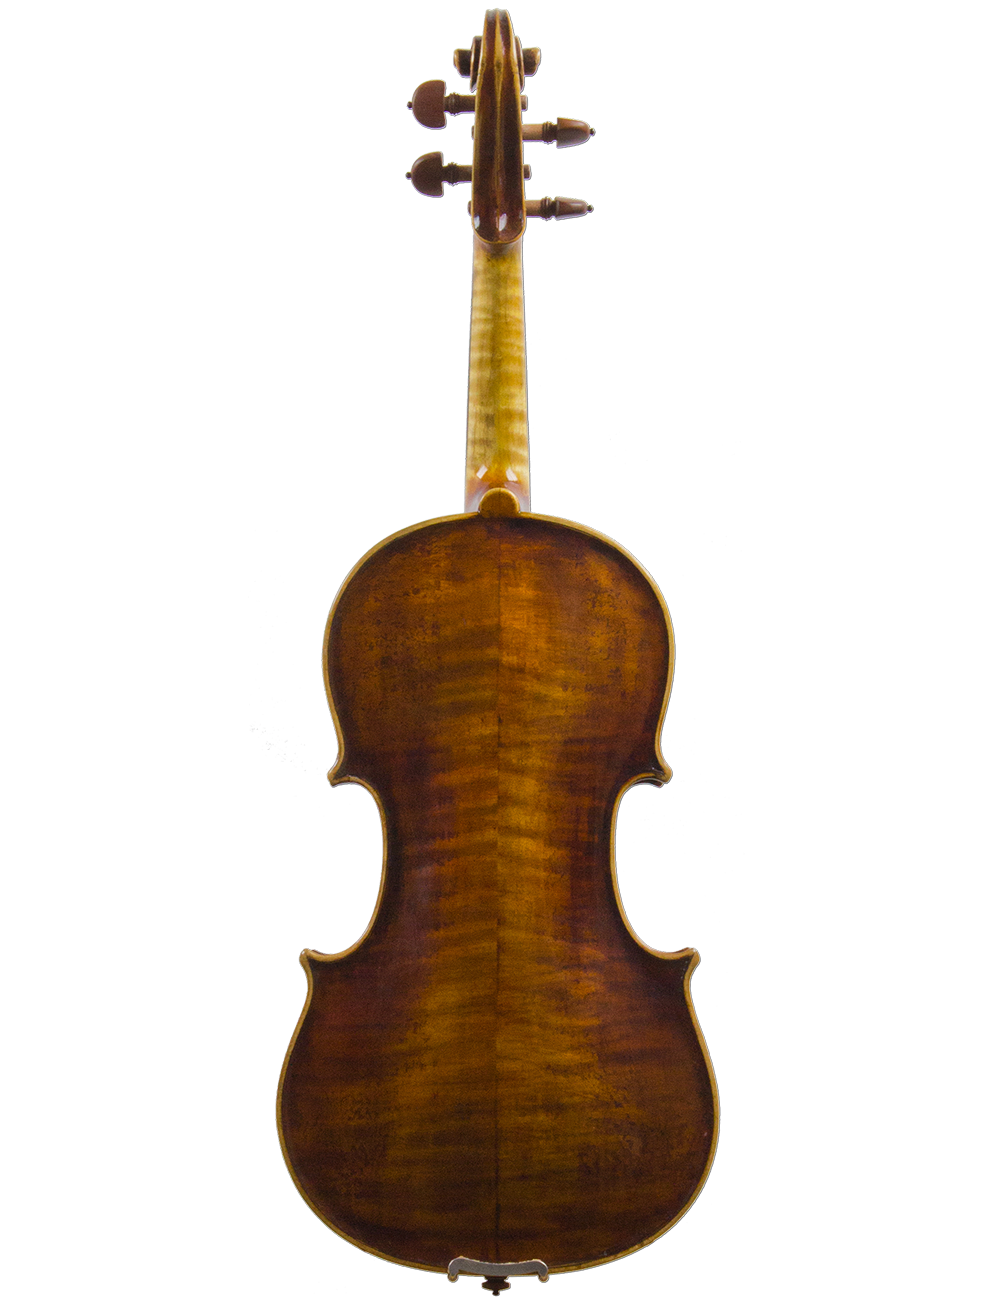 VIOLIN BY GOFFREDO CAPPA, Saluzzo 1690